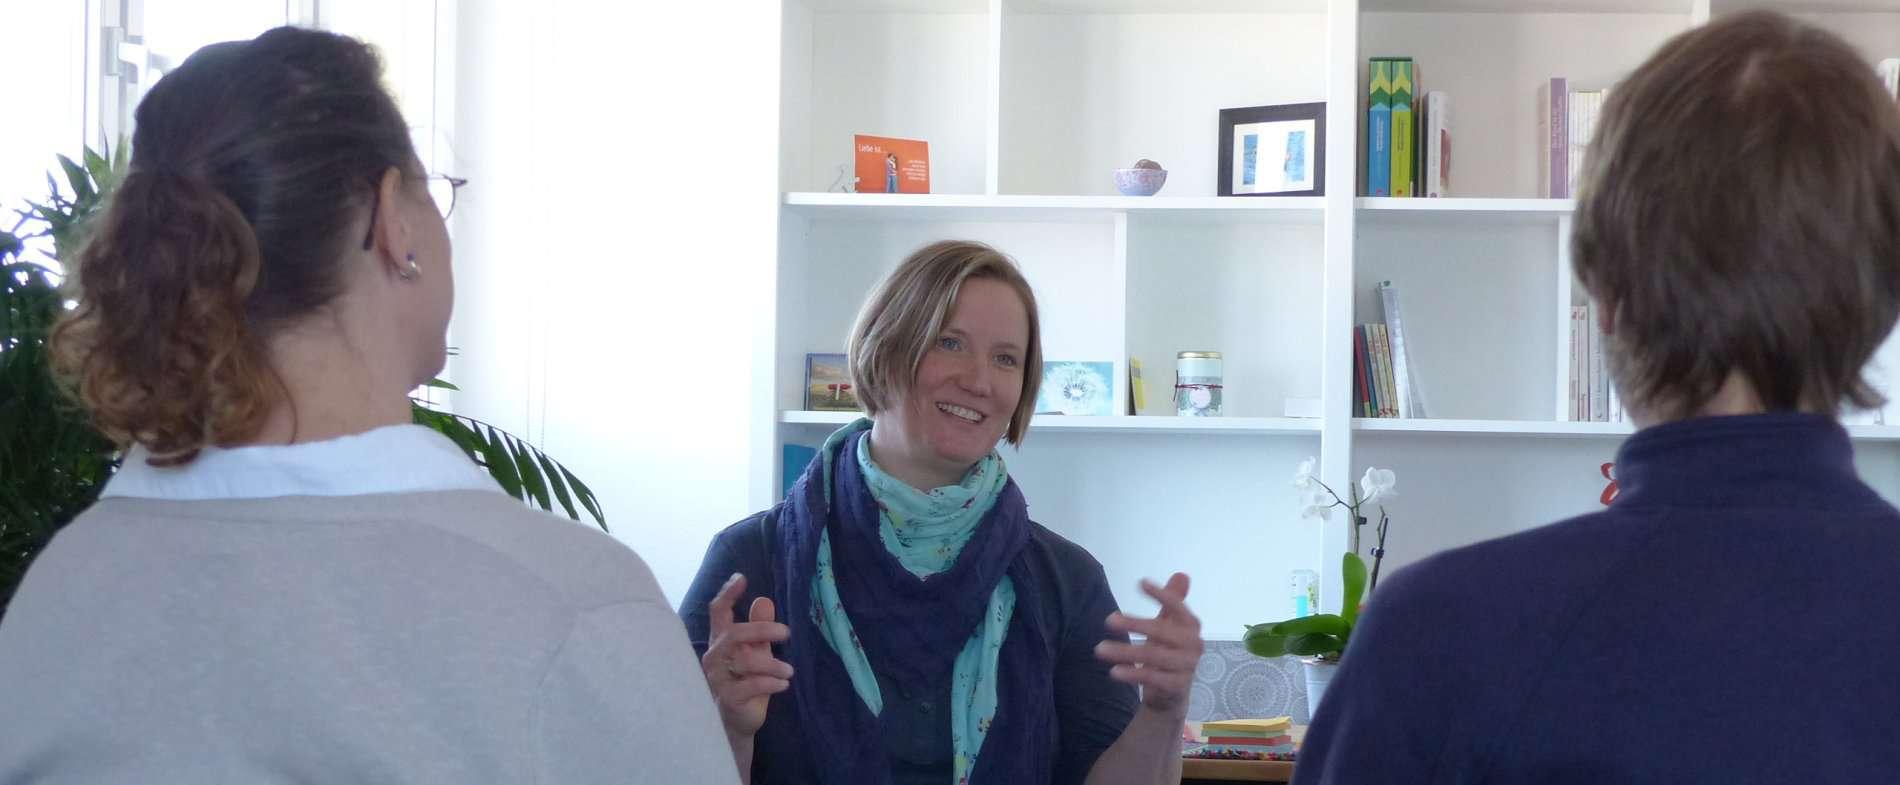 Natalie Kitterer im Gespräch mit einem Paar